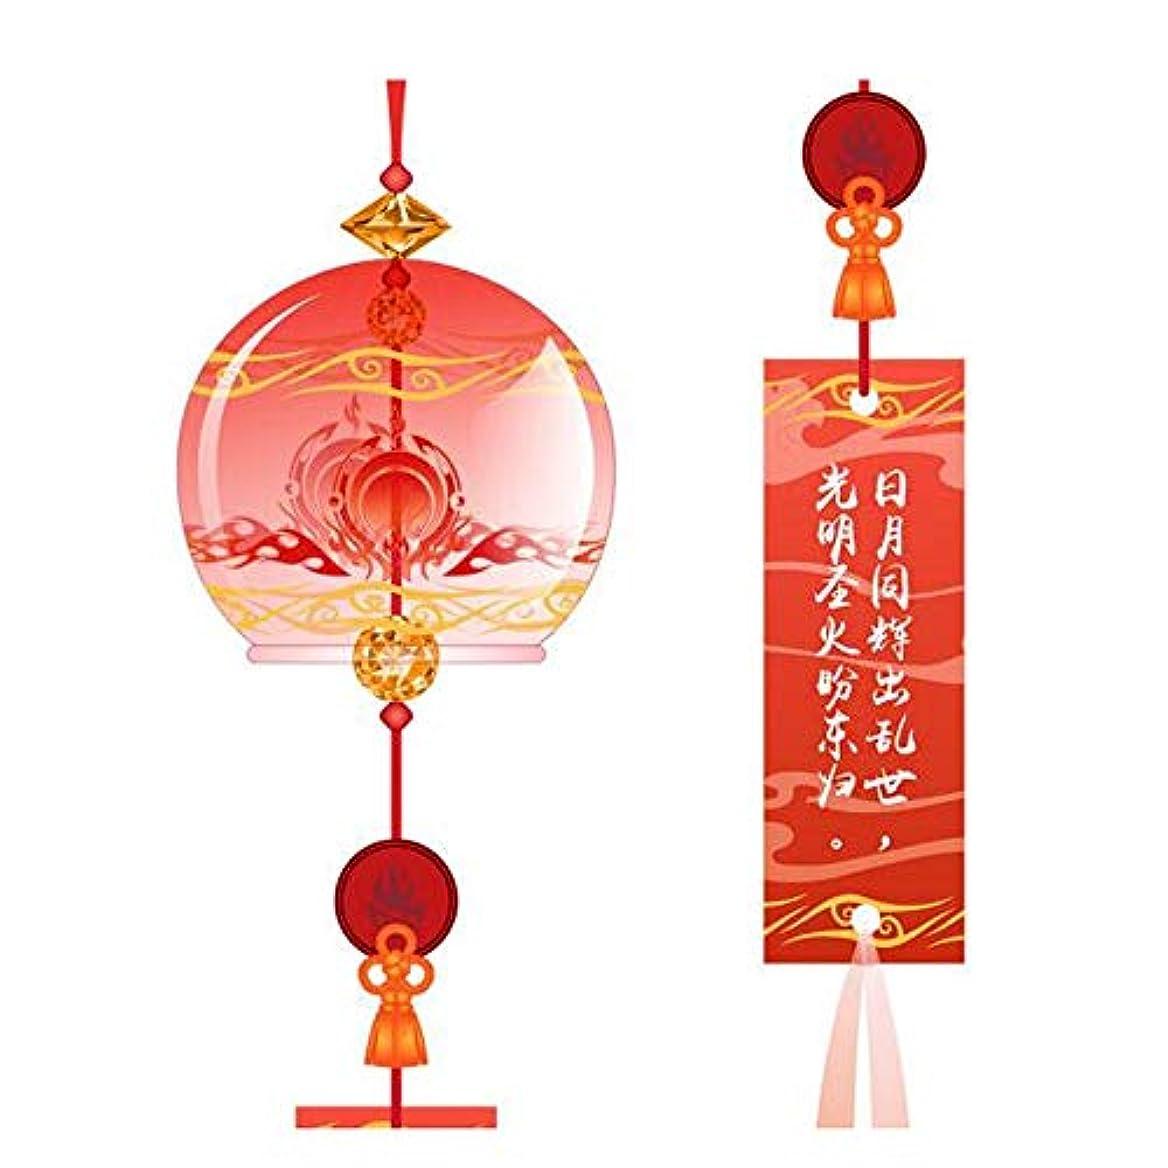 ダイアクリティカル閉じ込めるメタリックAishanghuayi 風チャイム、クリスタルクリアガラスの風チャイム、グリーン、全身について31センチメートル,ファッションオーナメント (Color : Red-B)